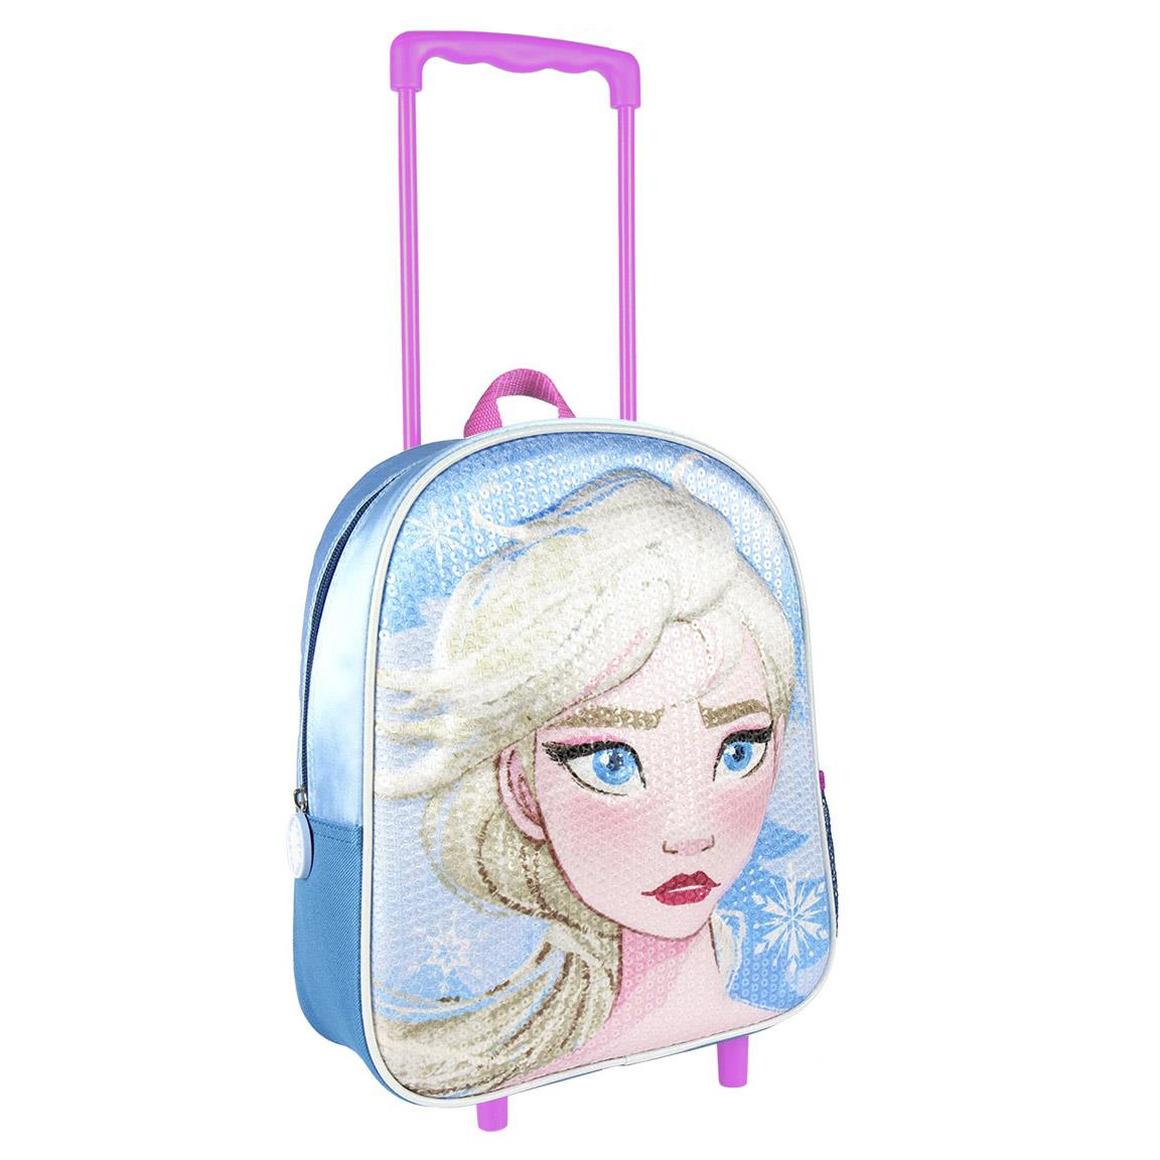 Disney Frozen Elsa handbagage koffer-weekendtas voor jongens-meisjes-kinderen